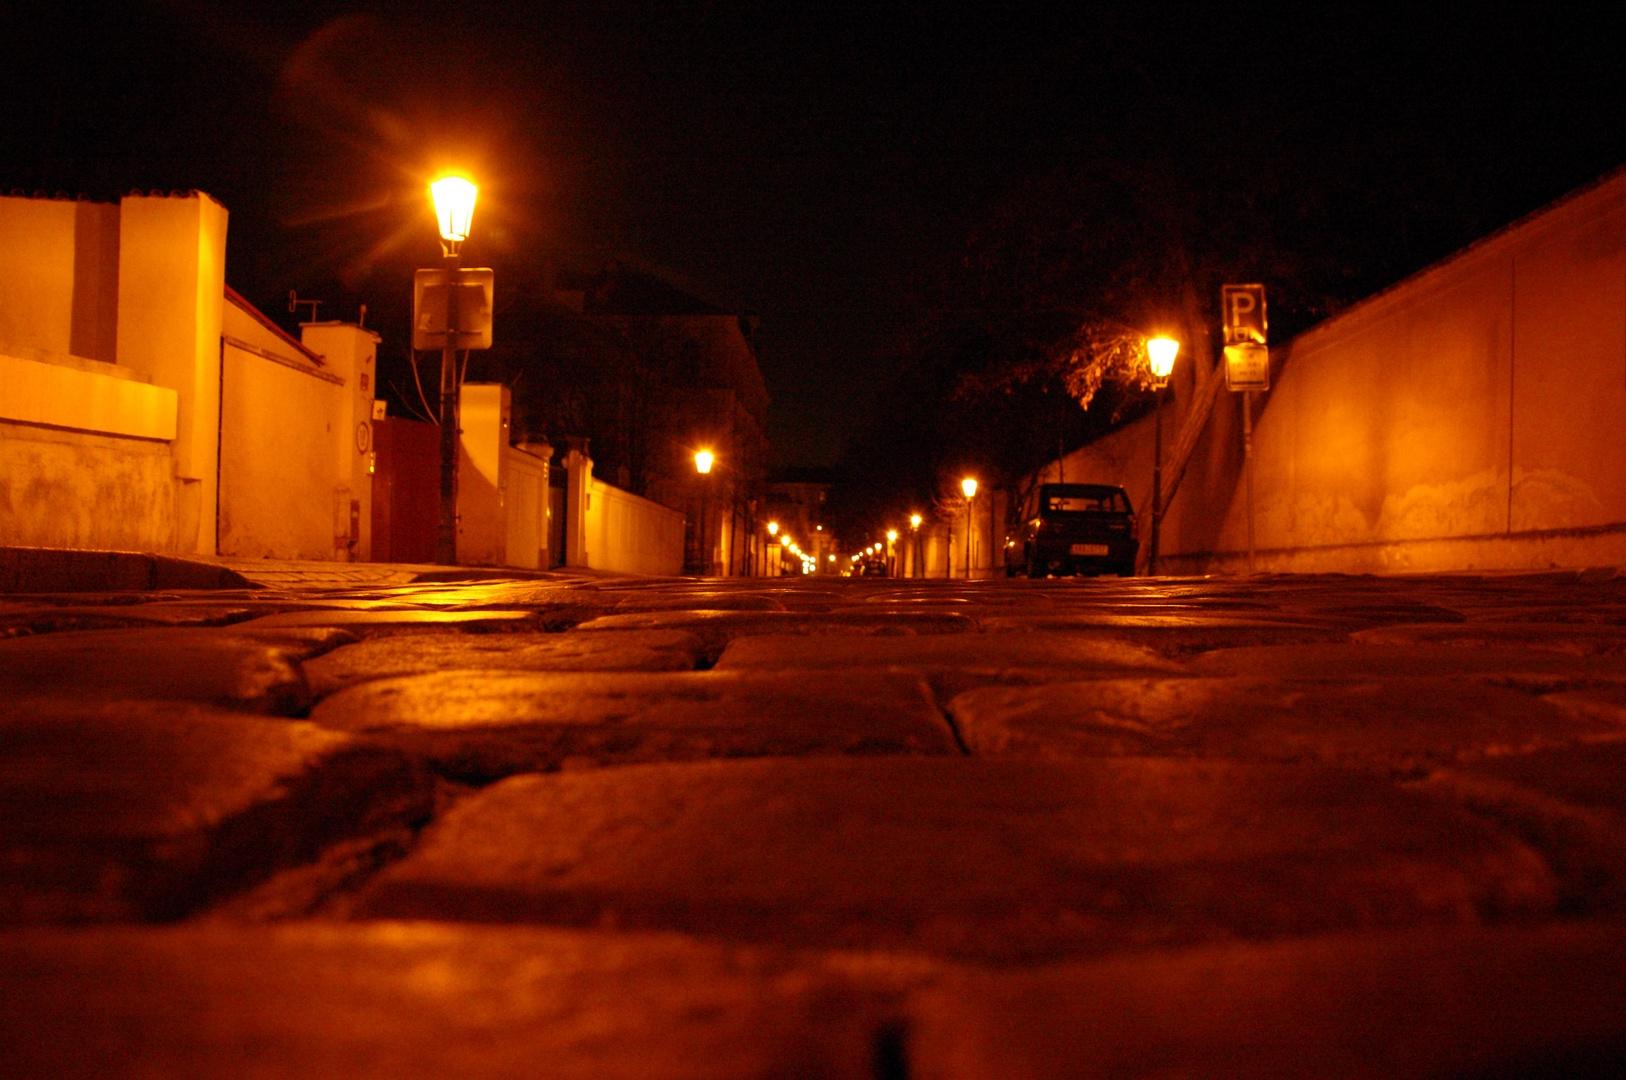 Prag 008 - Rundgang bei Anbruch der Nacht - gefallen.....